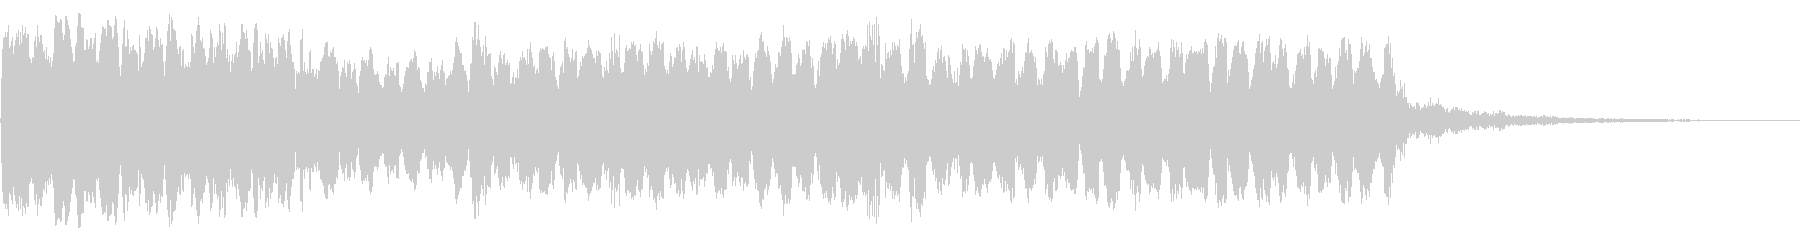 不穏 トランペット リバーブ ロングの未再生の波形